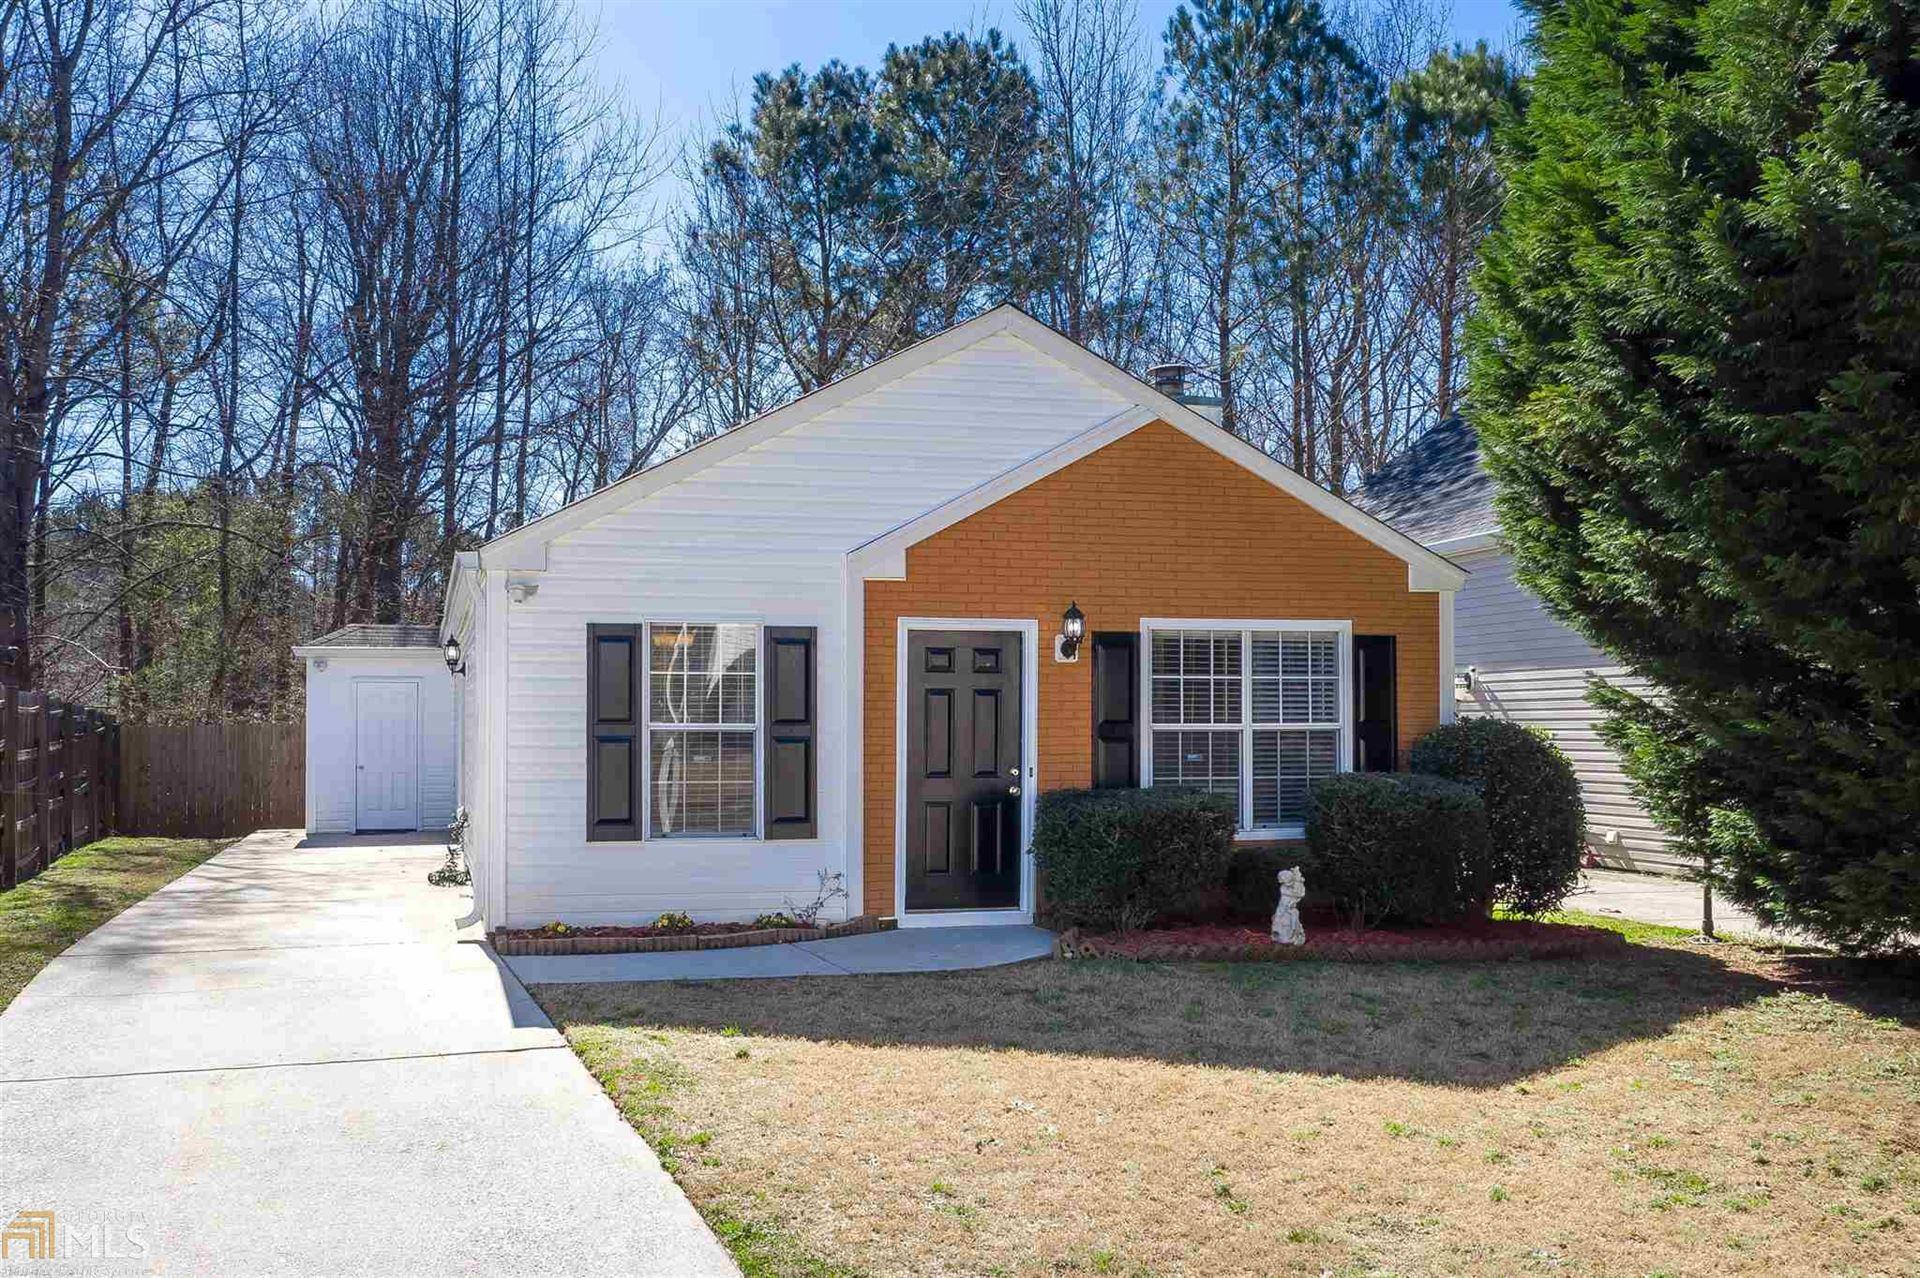 1852 Patterson Park Dr, Lawrenceville, GA 30044 - #: 8938360